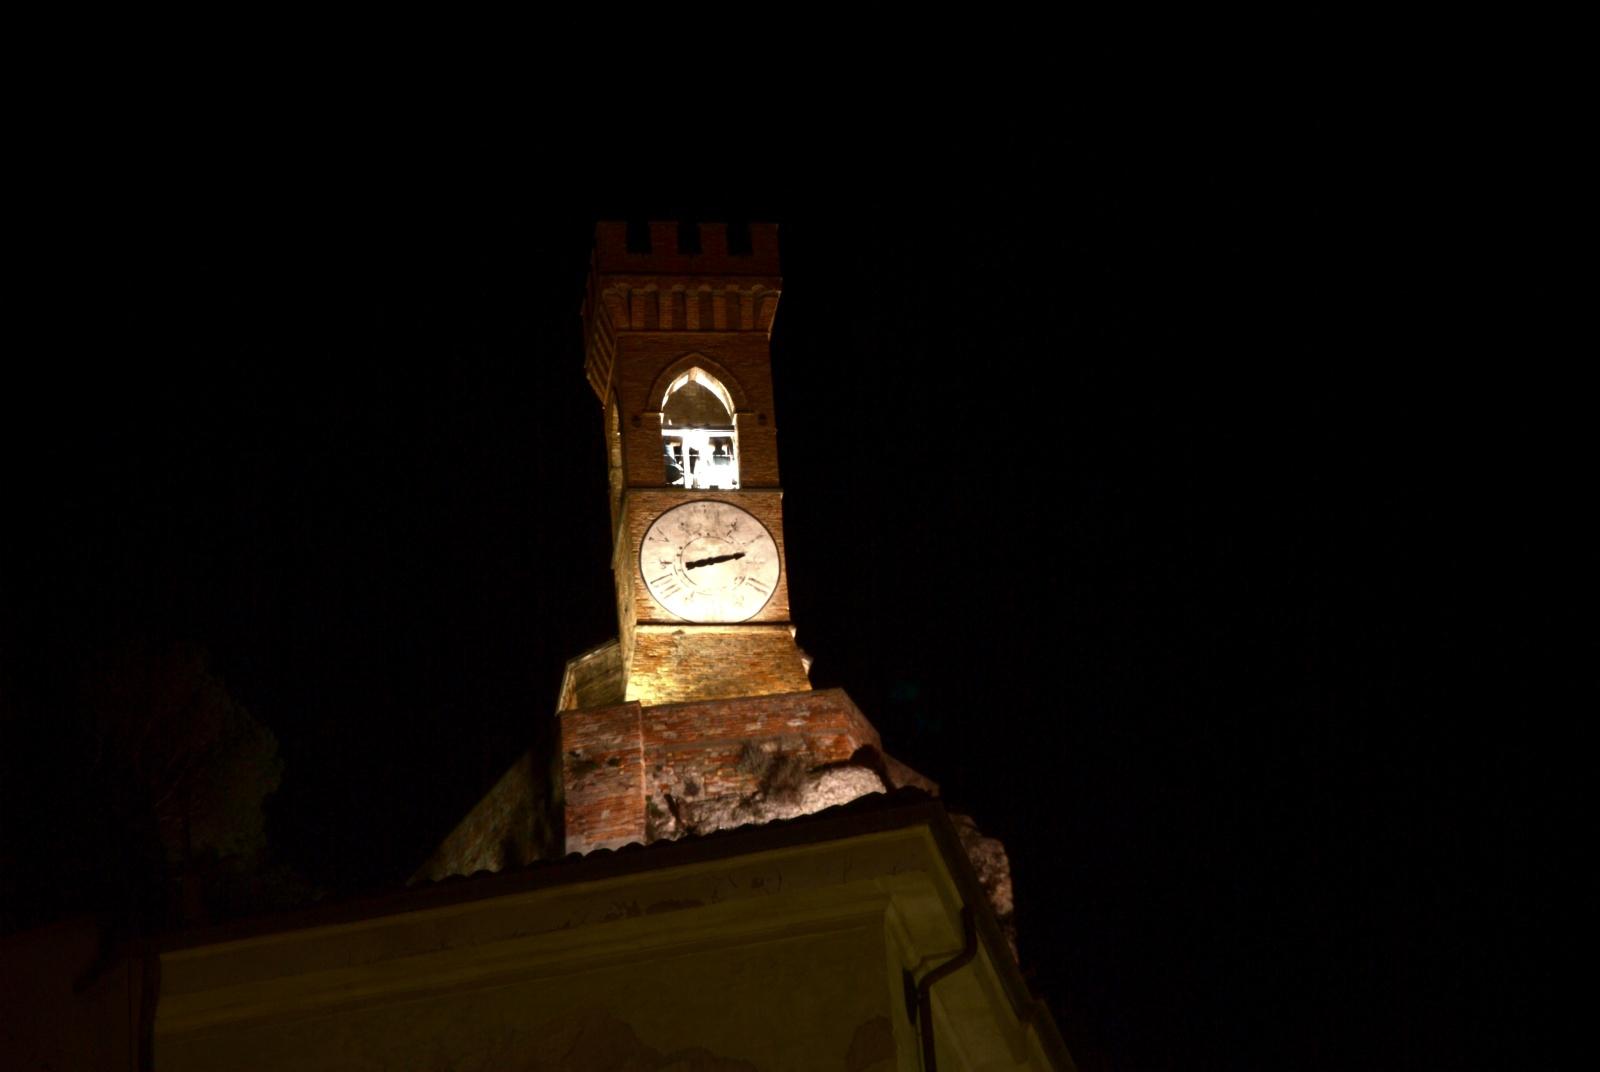 """Torre dell'orologio - """"La Torre dell'Orologio si trova su uno dei tre colli di Brisighella. Si trova lì dal 1290, quando Maghinardo Pagani da Susinana fece costruire una torre con blocchi di gesso per controllare i rivali asserragliati nel vicino castello di Baccagnano. Insieme alla Rocca Manfrediana ha per secoli difeso il borgo di Brisighella e fu completamente ricostruita nel 1850. Solo in quella data fu inserito l'attuale orologio. Ci si arriva a piedi o in auto: il percorso pedonale parte da Via degli Asini e dopo 300 scalini con vista sui tetti e sui calanchi di Brisighella è faticosa ma meravigliosa. Da qui poi parte un sentiero che collega la Torre alla Rocca Manfrediana. Oppure si può fare il percorso inverso: arrivare alla Rocca in macchina (uscendo dal borgo) e poi raggiungere la Torre dell'Orologio attraverso il sentiero.""""  from """"10 cose.it"""""""